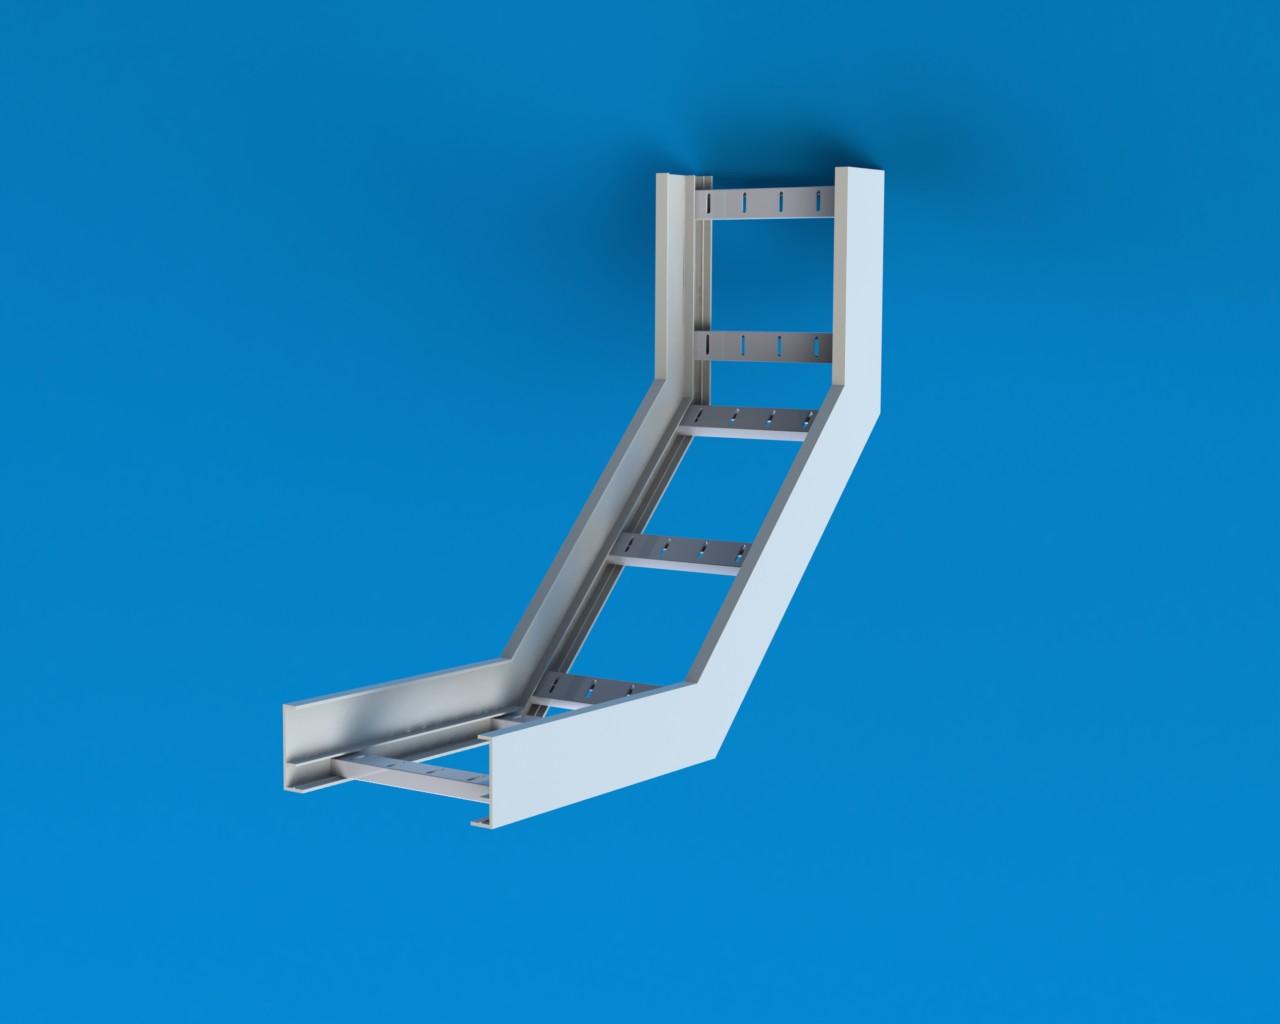 Ladder riser